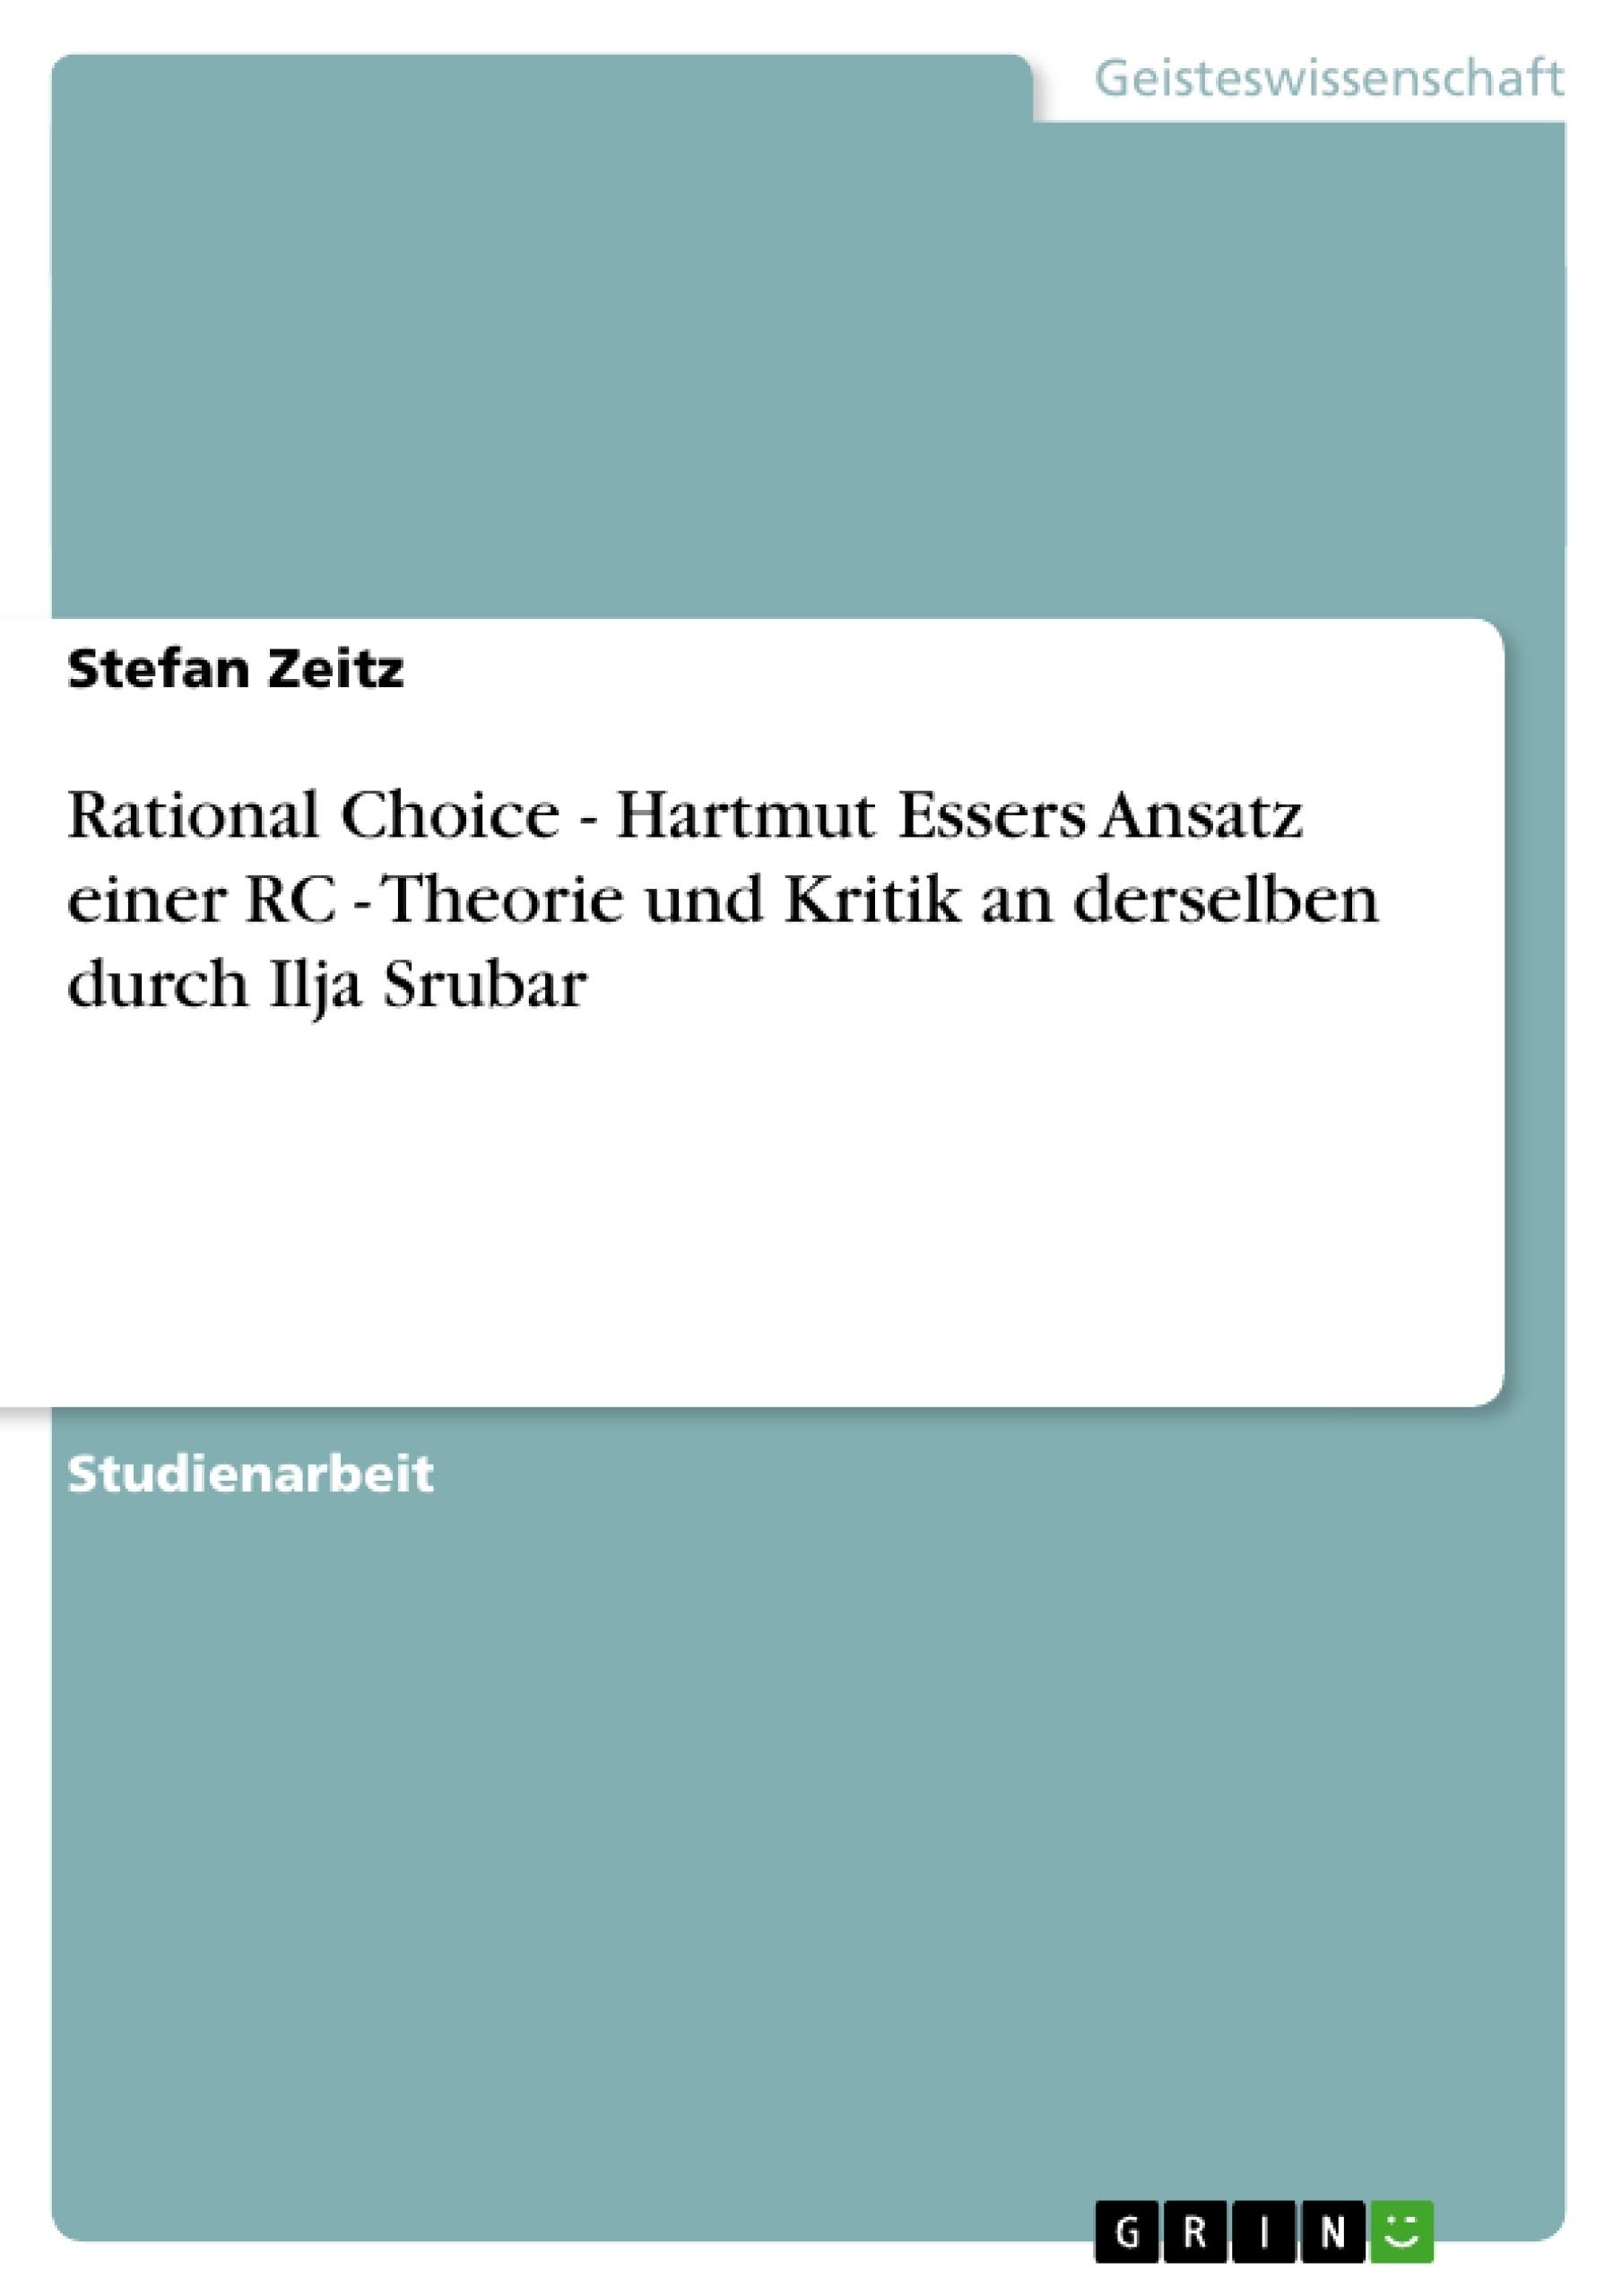 Titel: Rational Choice - Hartmut Essers Ansatz einer RC - Theorie und Kritik an derselben durch Ilja Srubar